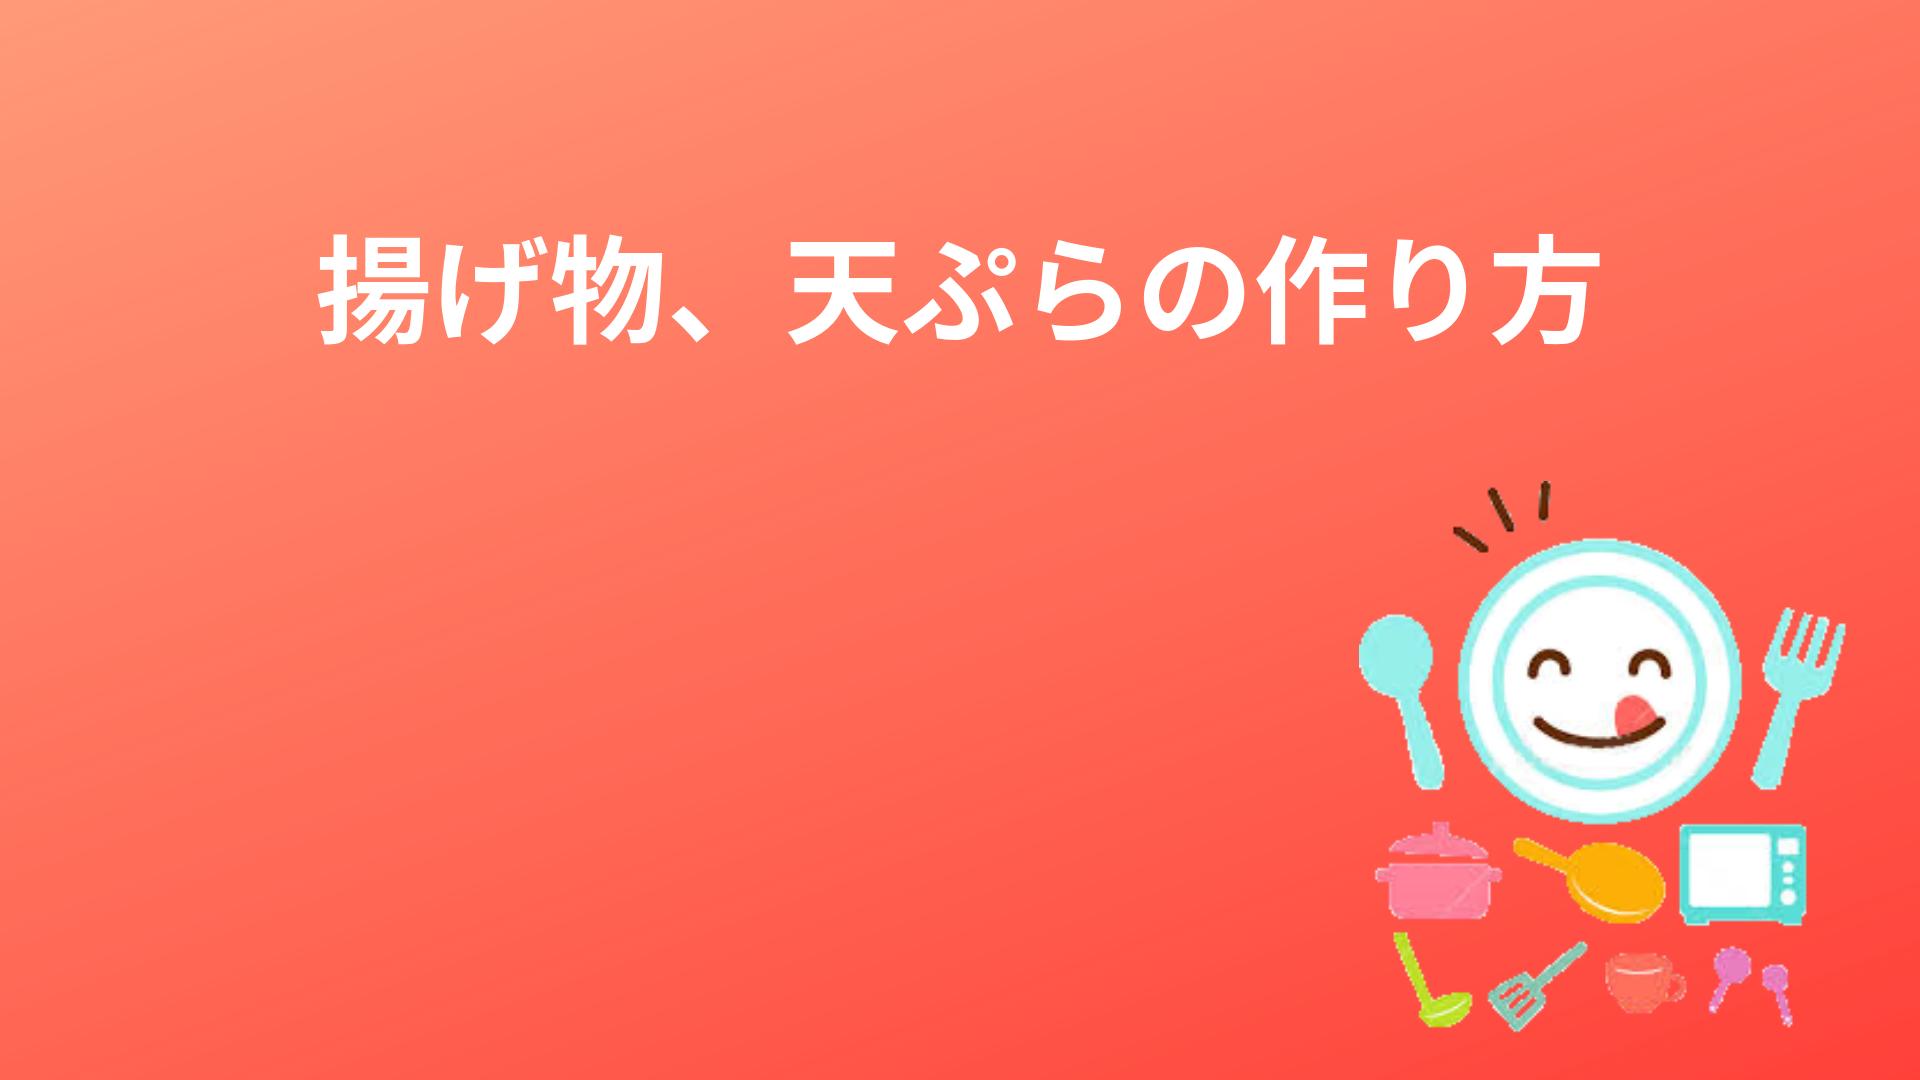 揚げ物、天ぷらの作り方